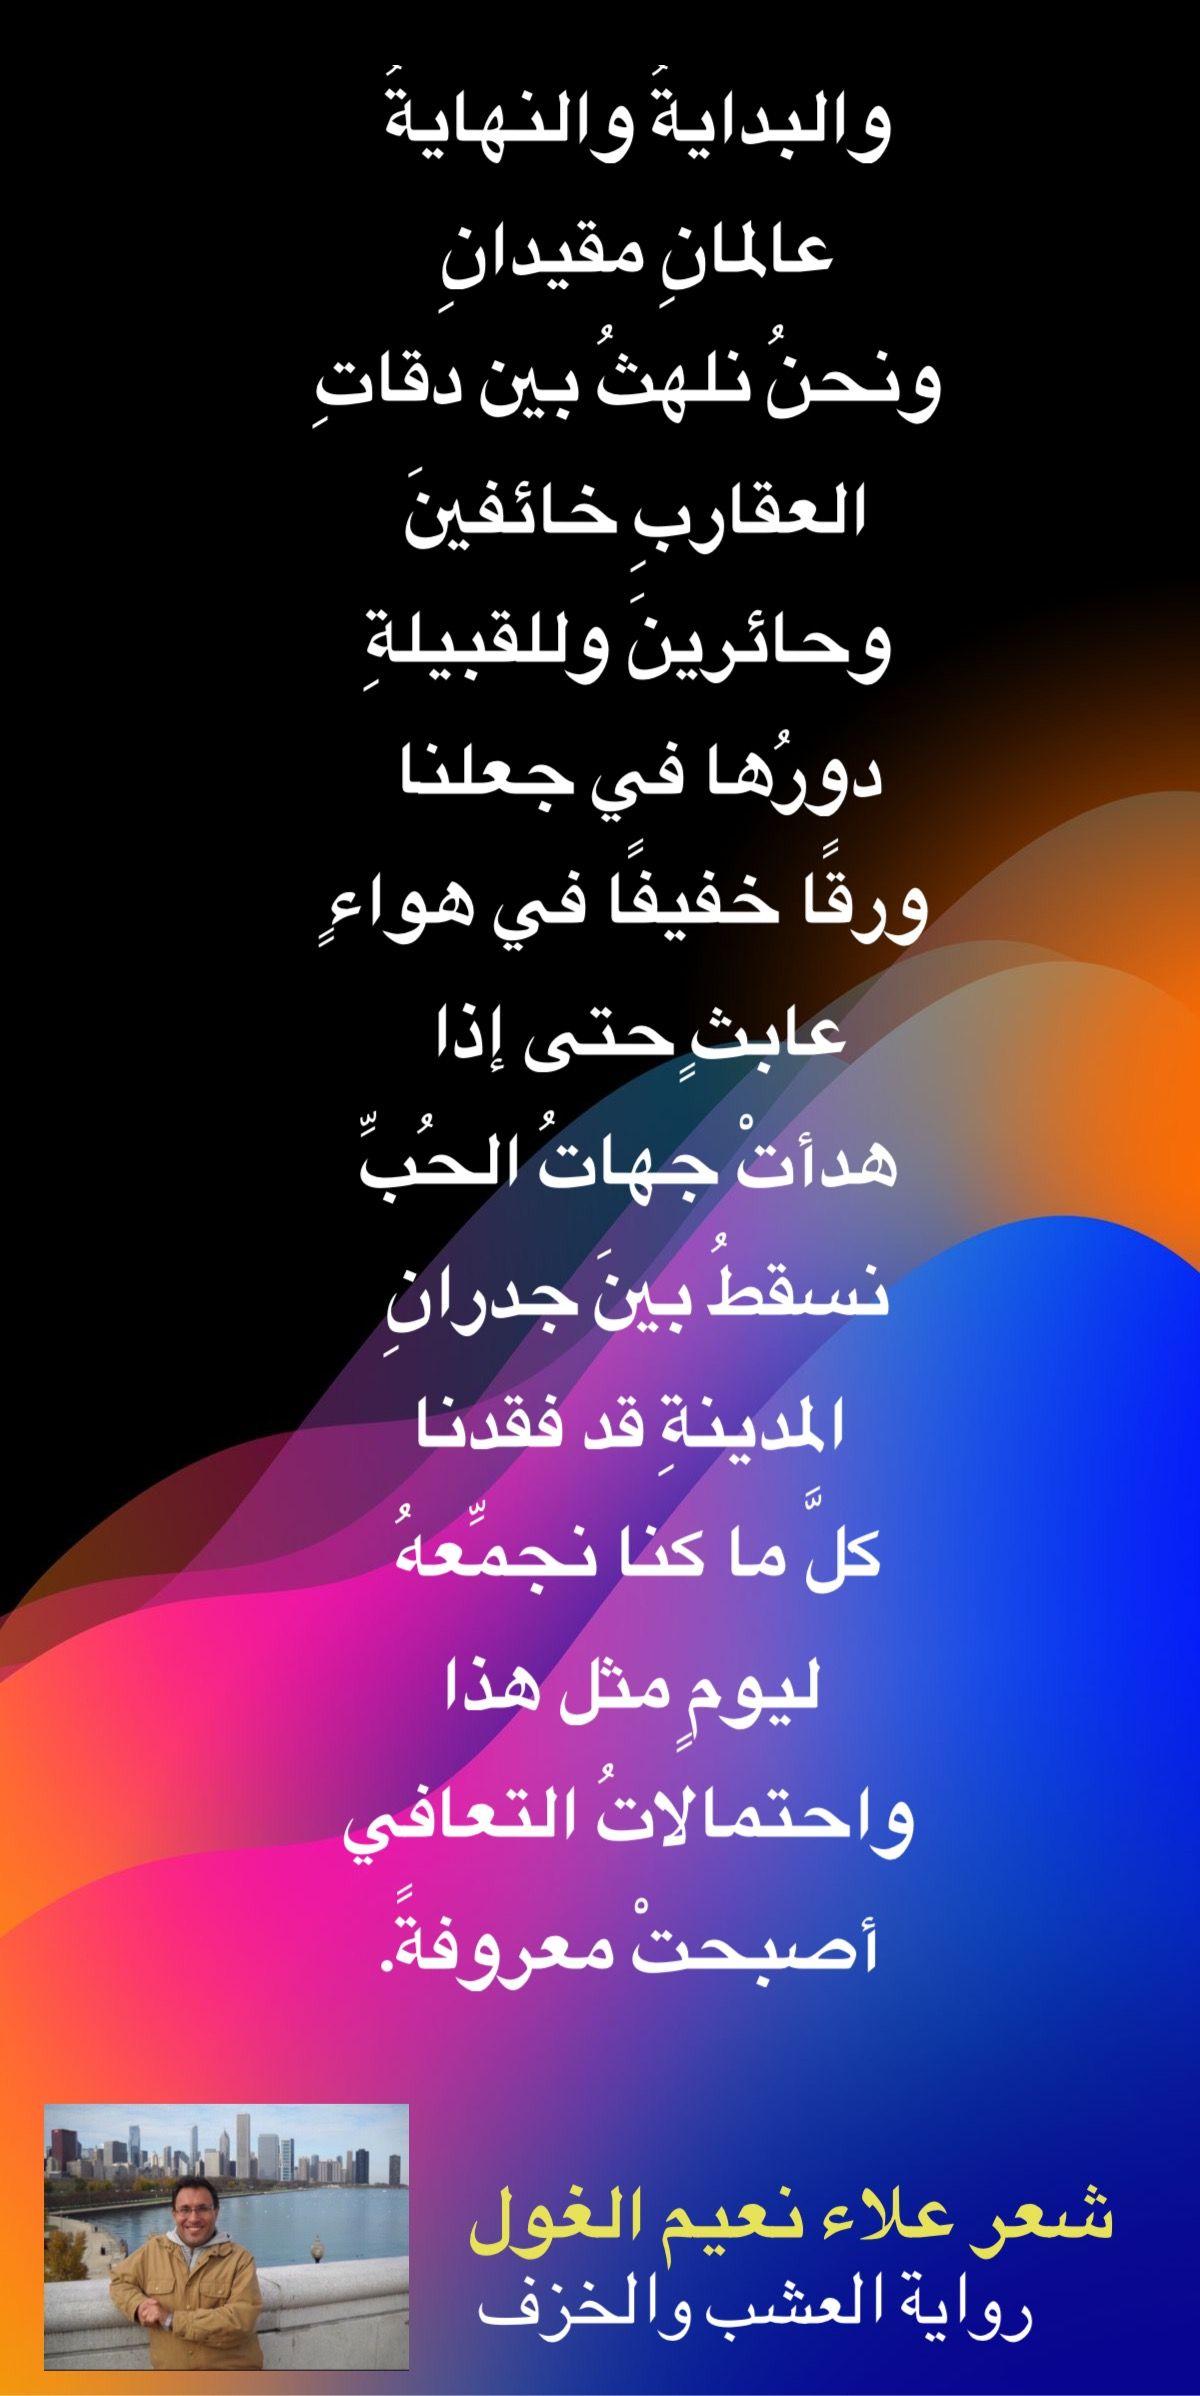 Pin By علاء نعيم الغول On علاء نعيم الغول Sls Desktop Screenshots